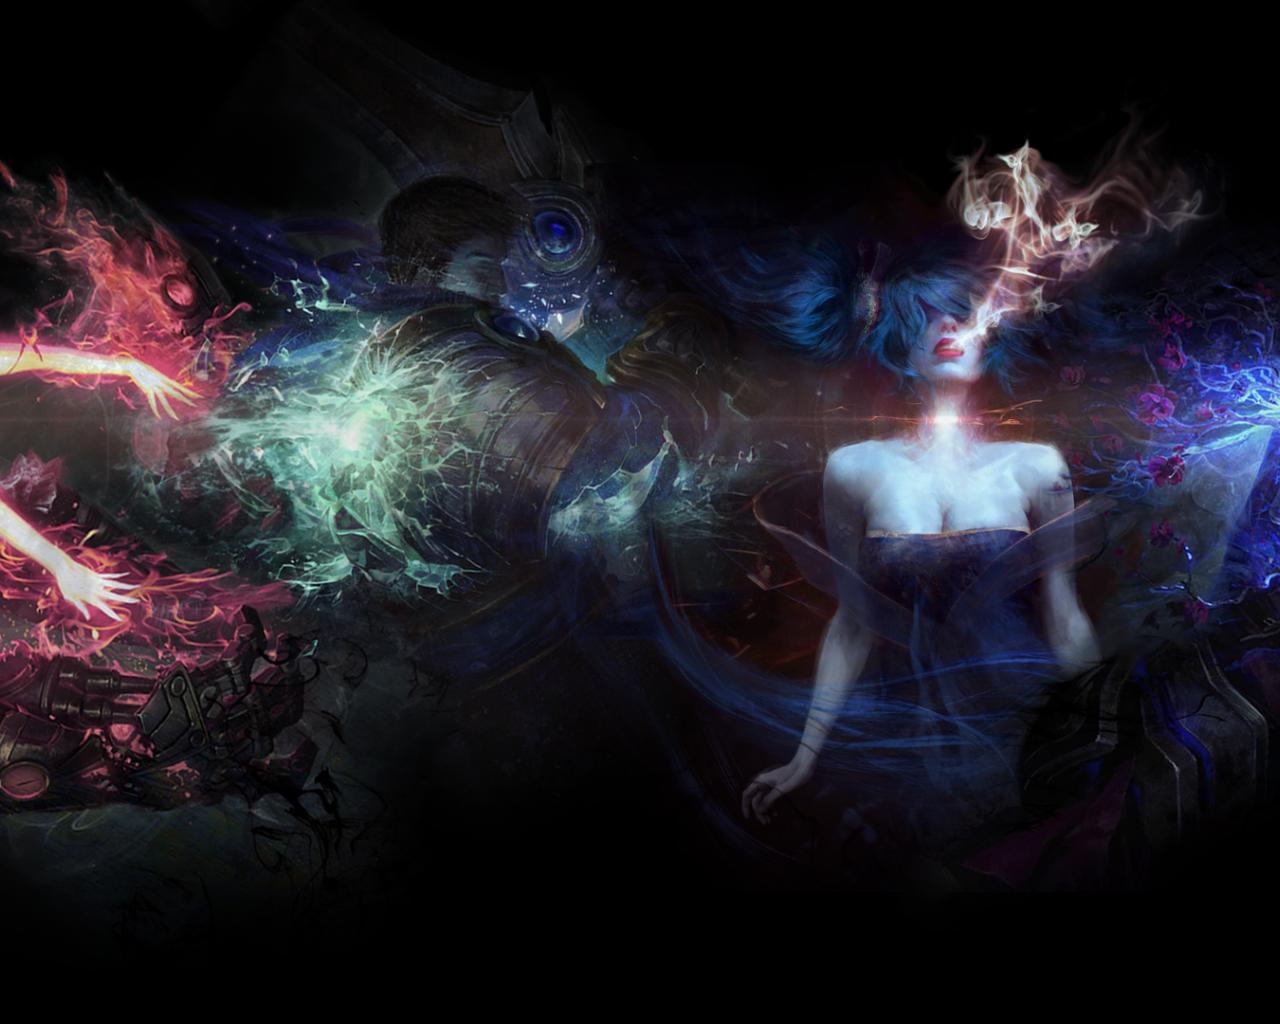 Free Download Jhin Teasing Wallpaper Fan Art League Of Legends